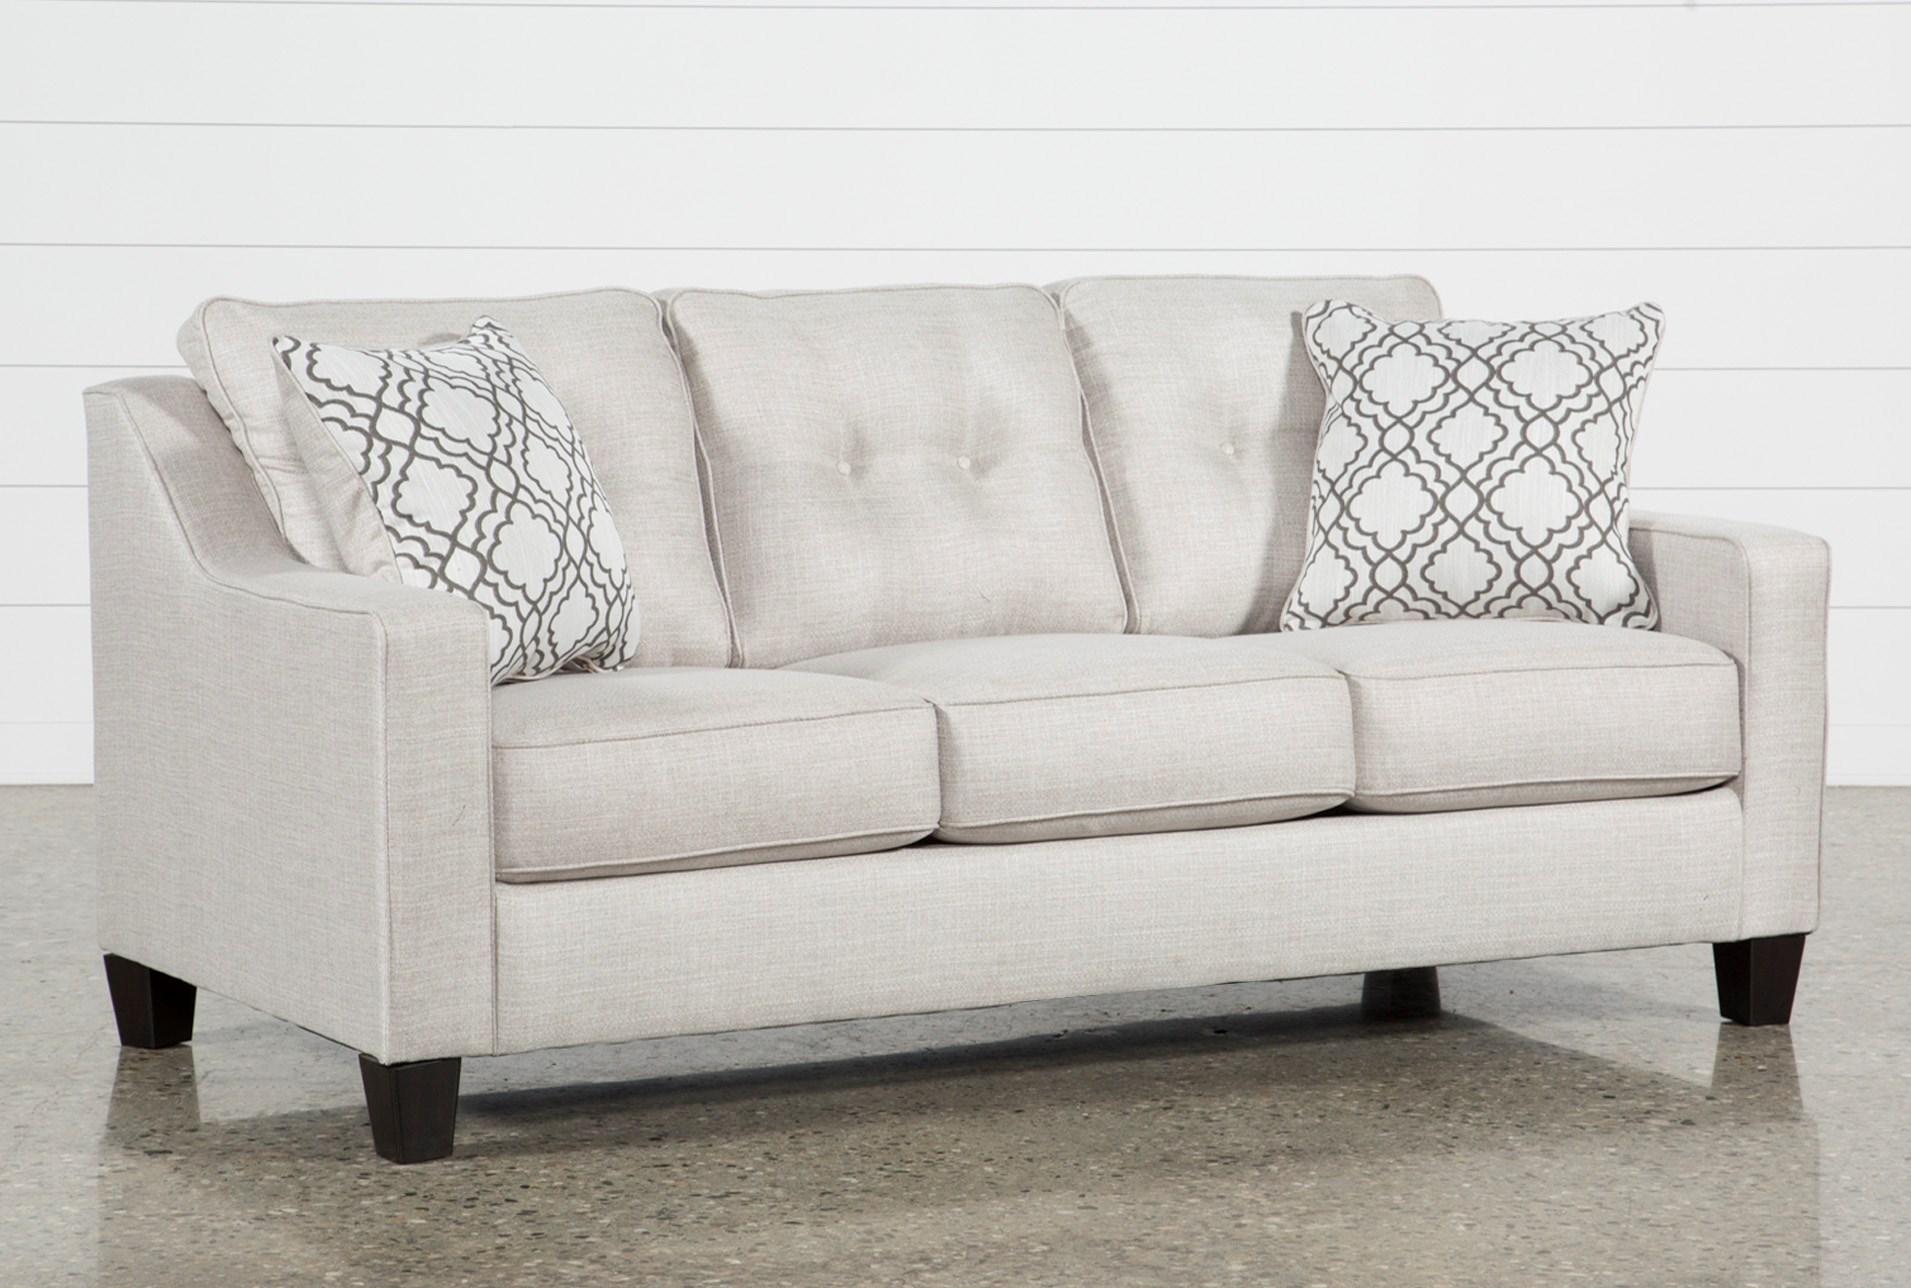 Linday Park Queen Sofa Sleeper